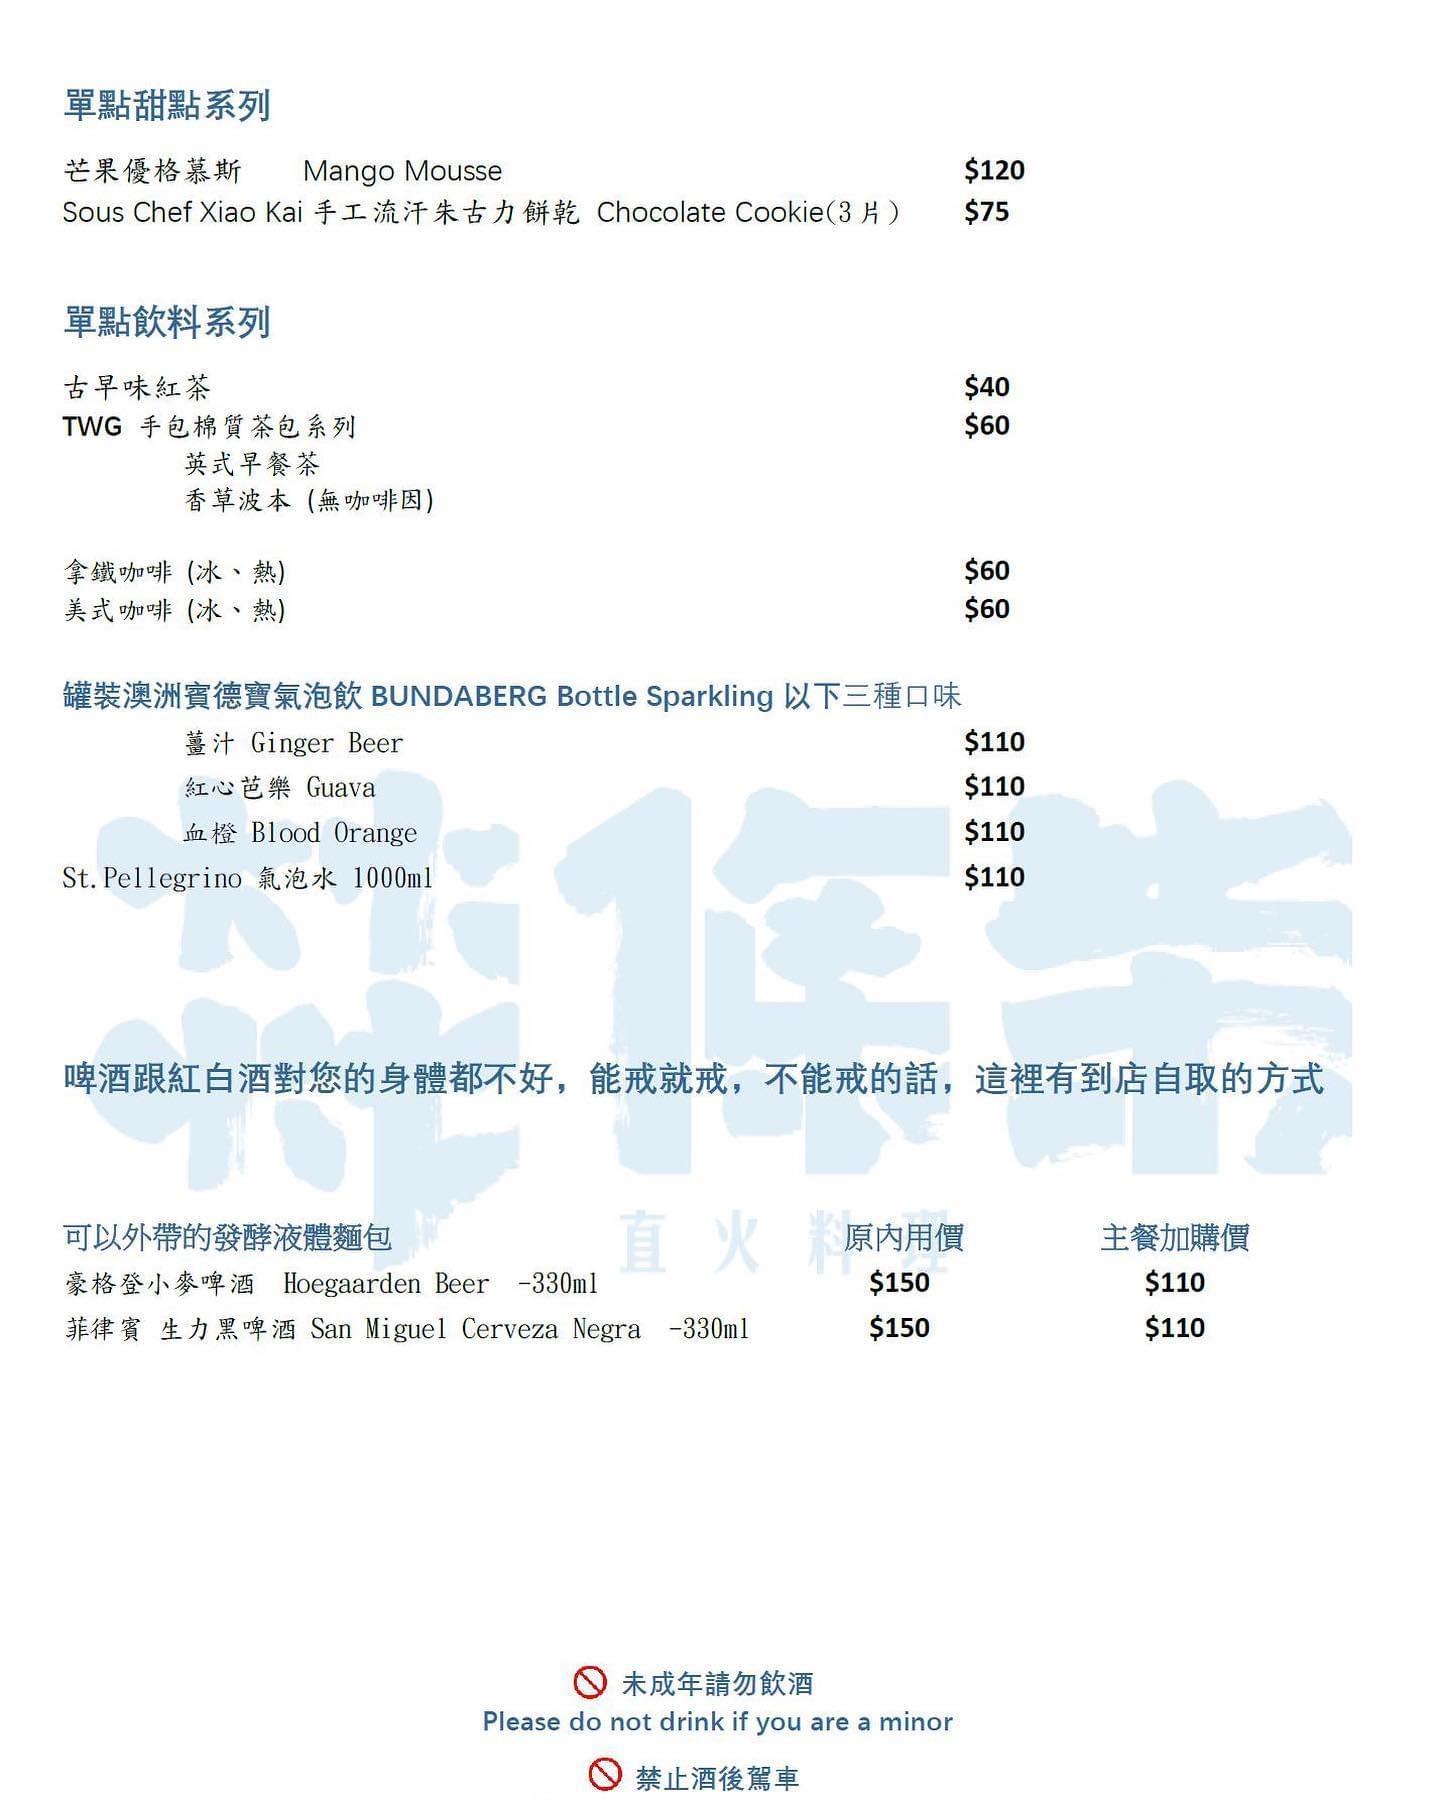 【台中北屯】燚條柴外帶餐點:居家防疫滿200元即可外送,雙人套餐組合更加優惠 @飛天璇的口袋